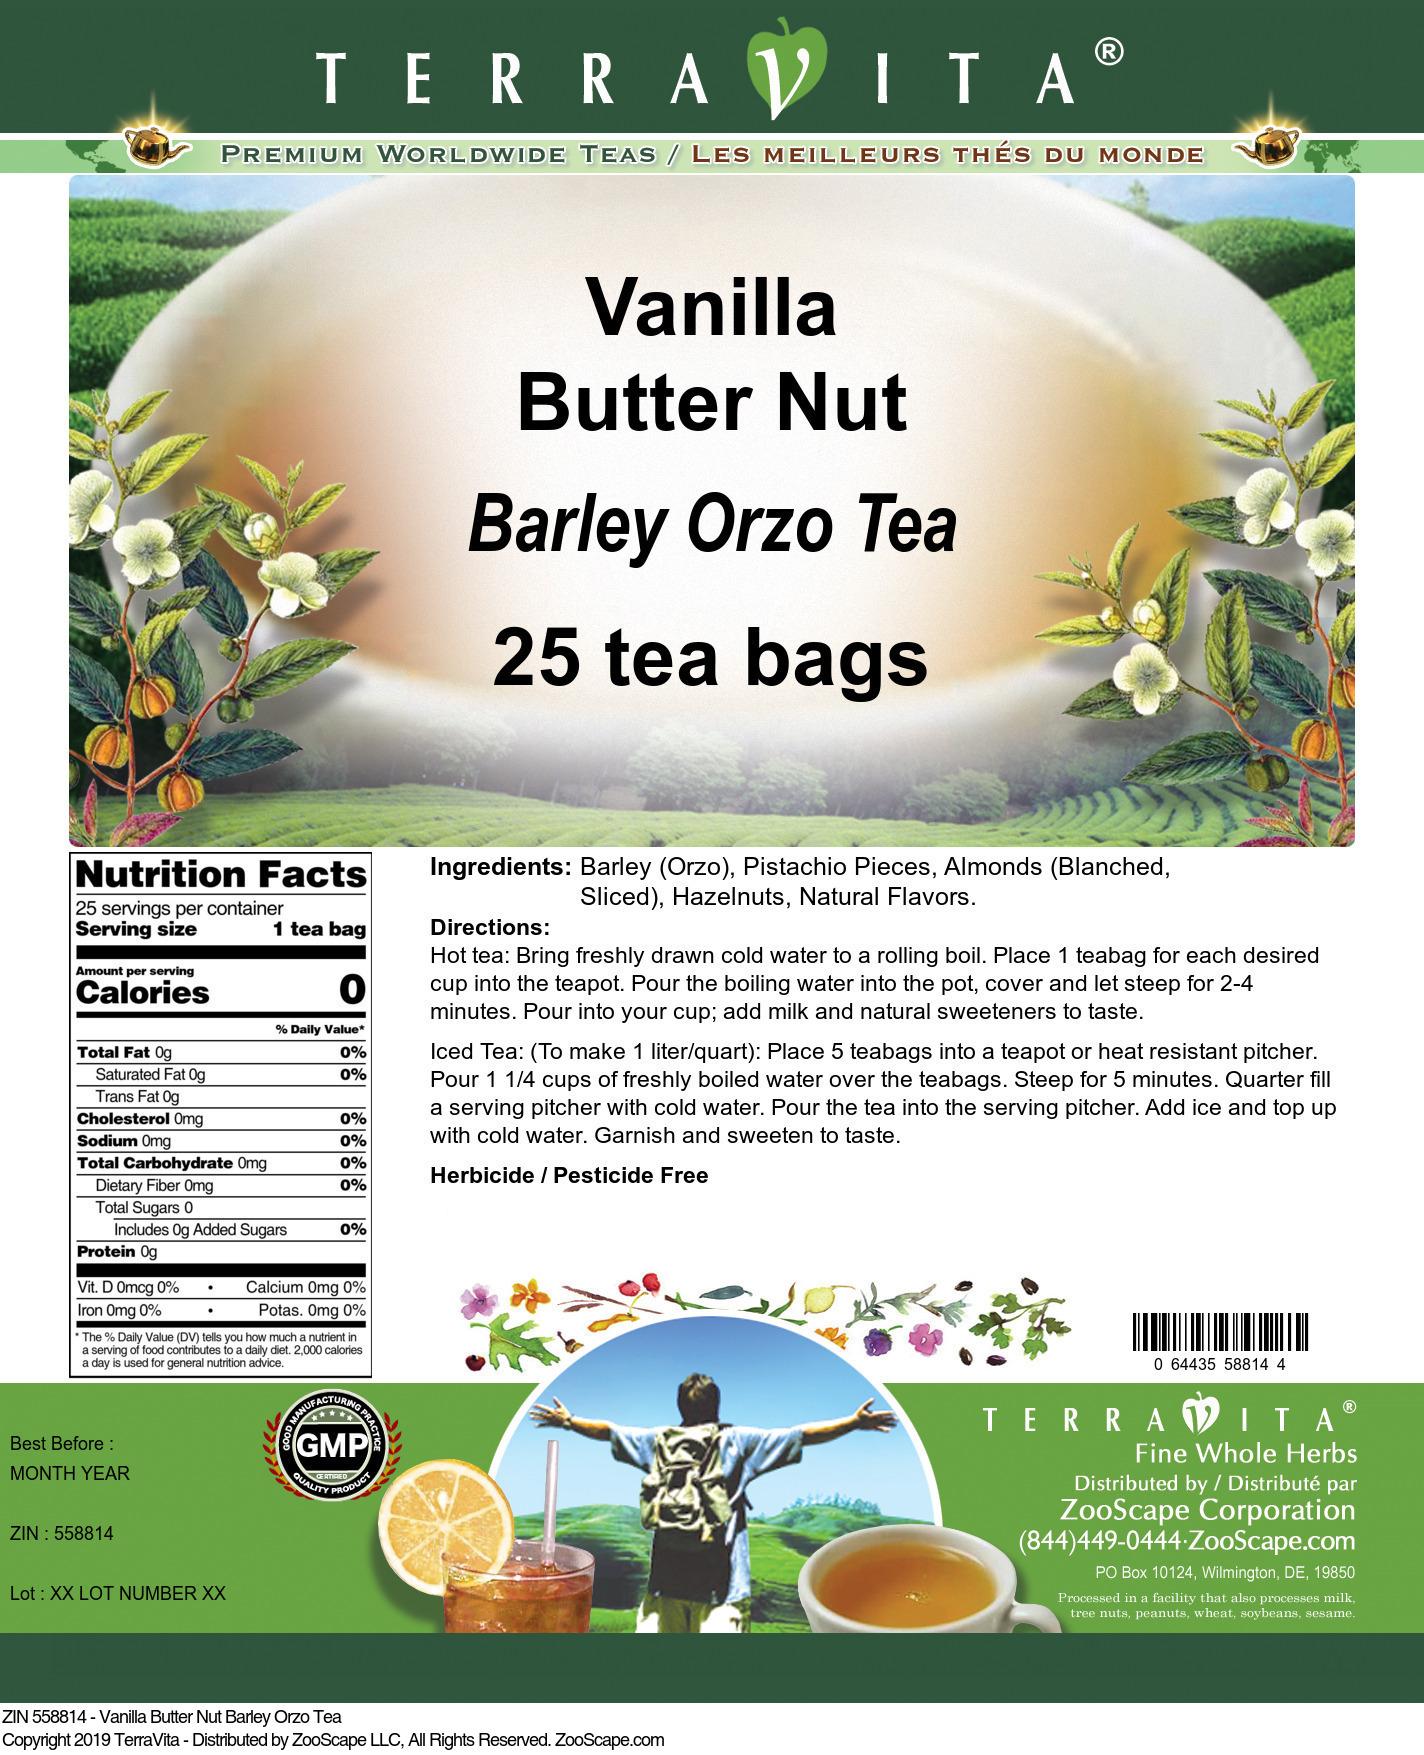 Vanilla Butter Nut Barley Orzo Tea